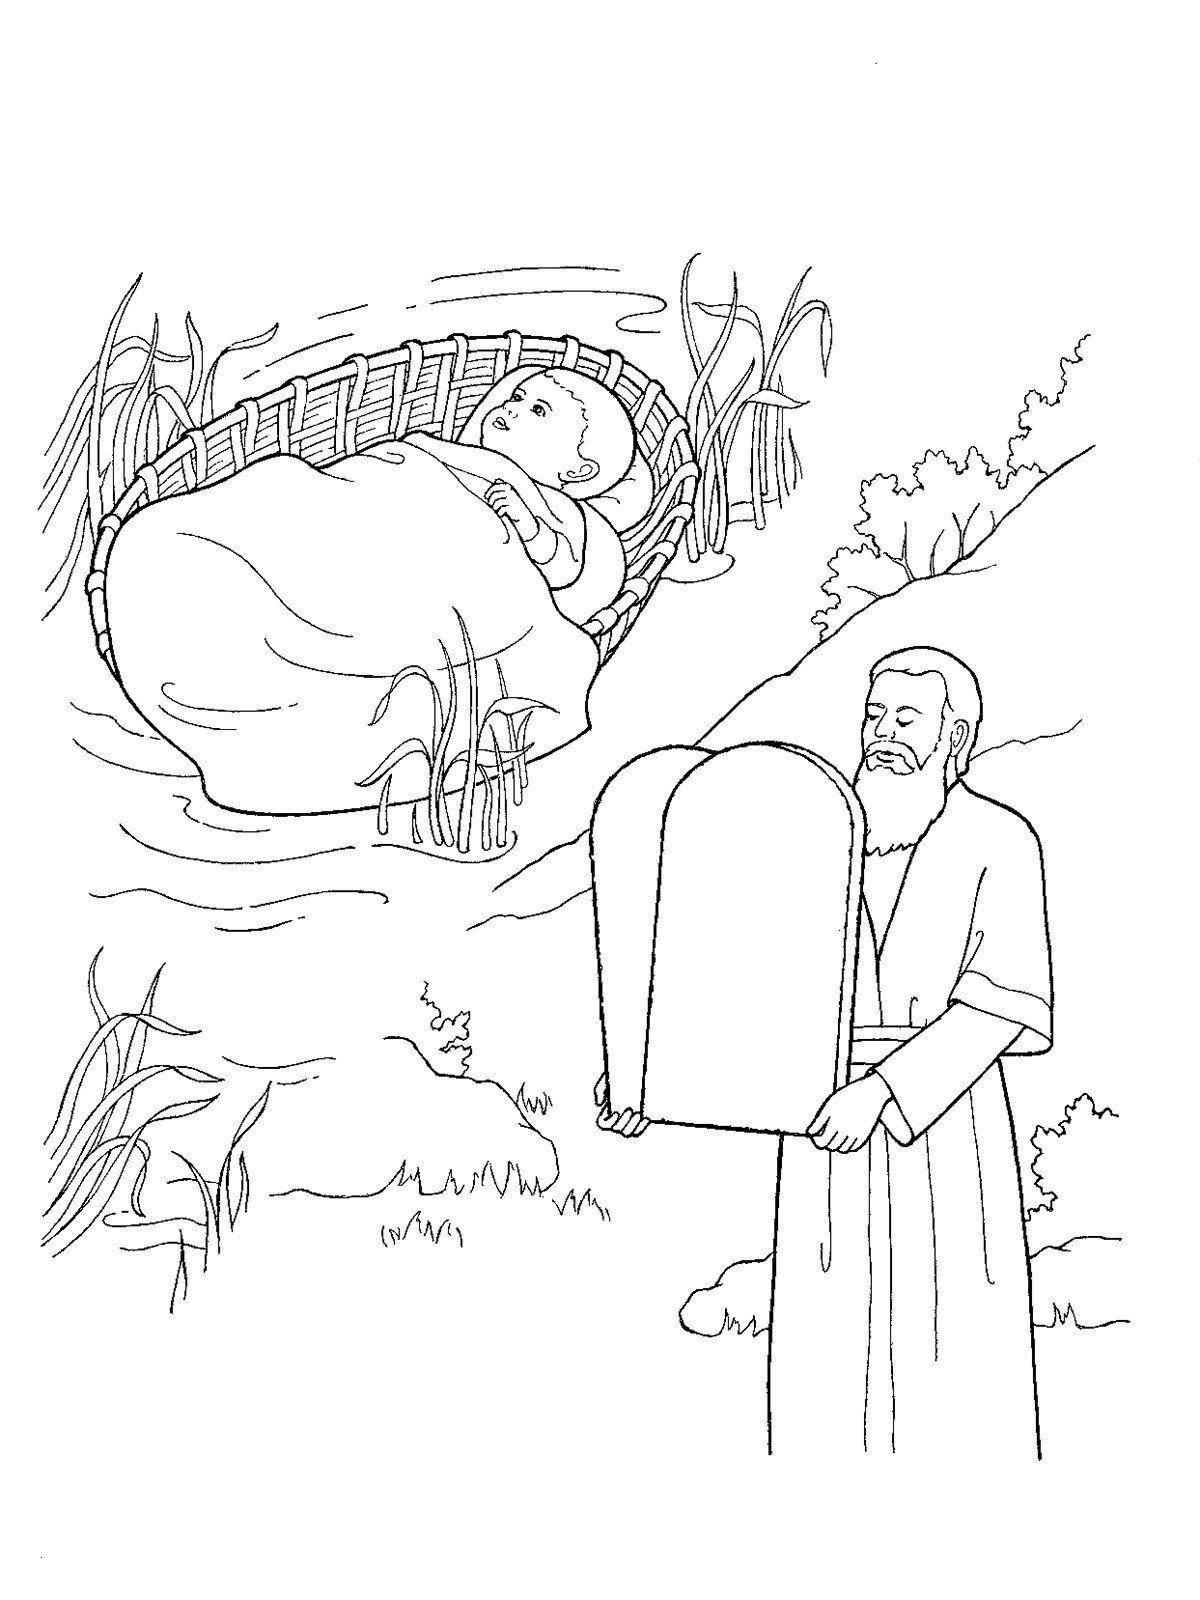 10 Commandments Coloring Pages Unique 20 10 Mandments